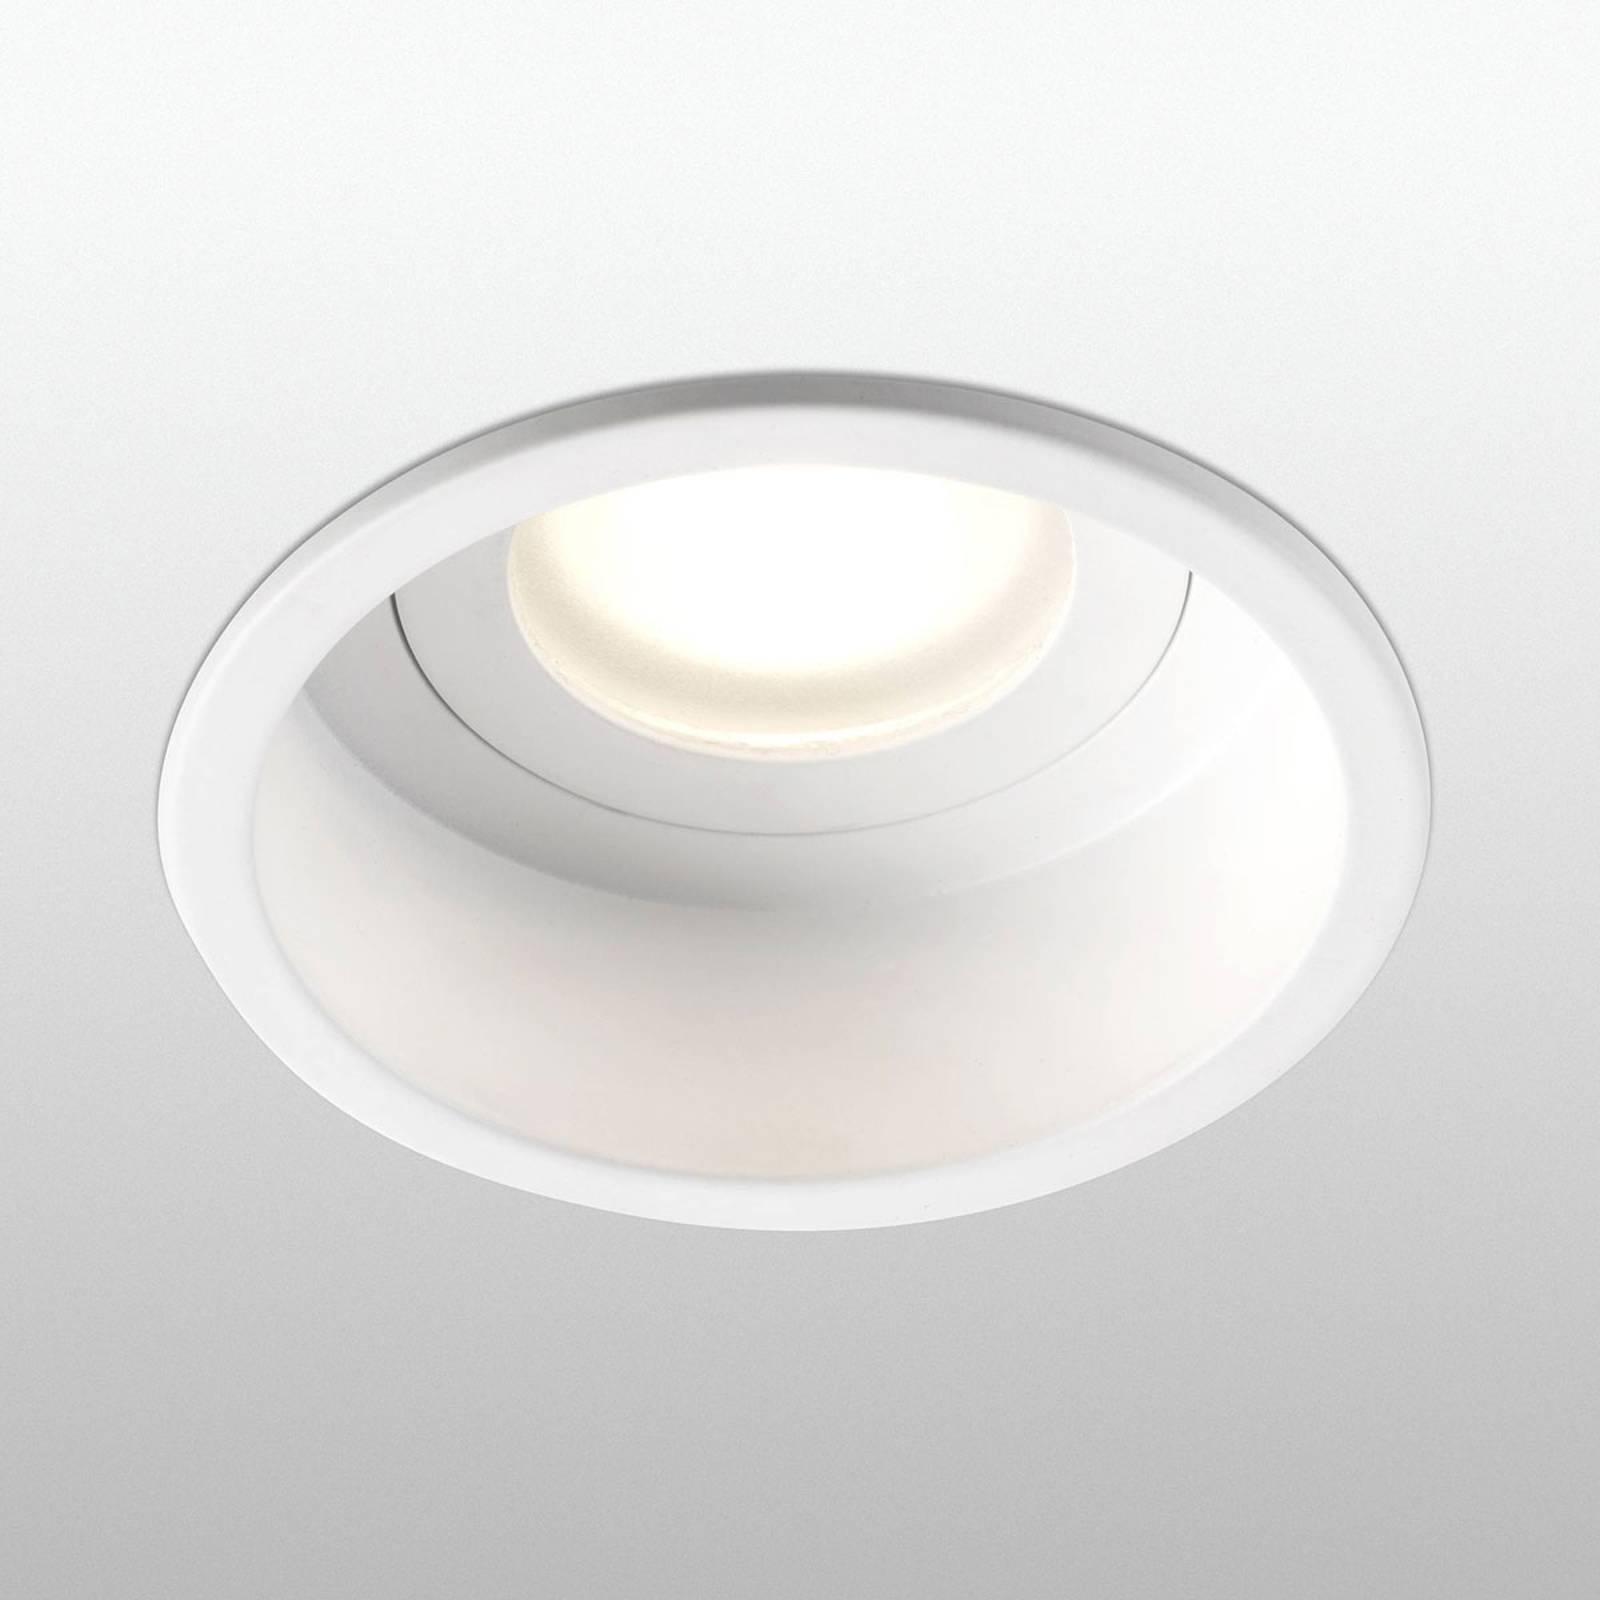 Faretto da incasso Hyde a 1 luce tondoIP44 bianco